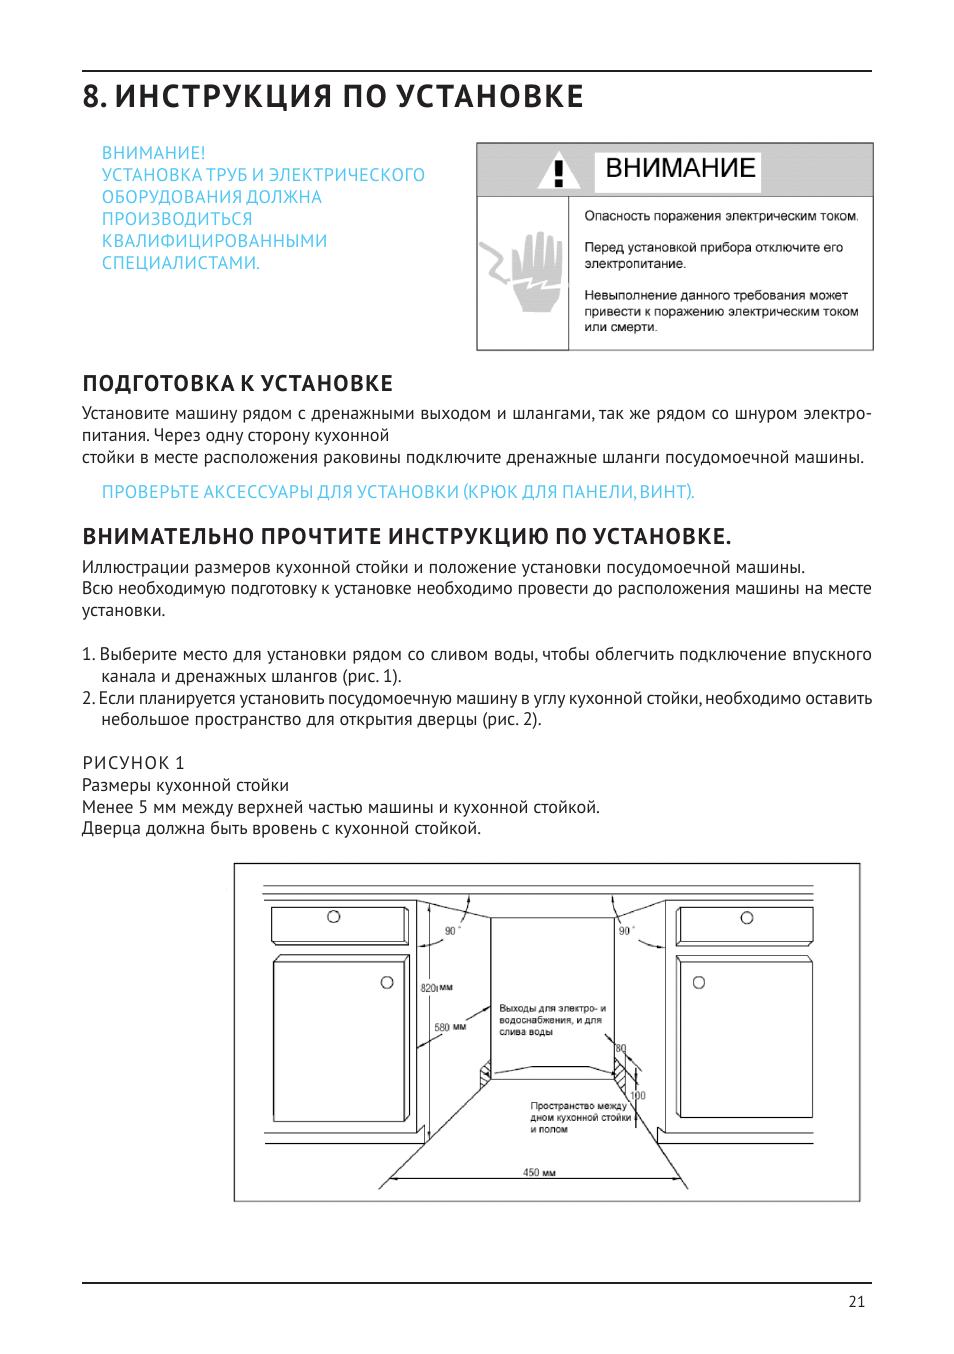 инструкция по установки автосигнализации starline a91